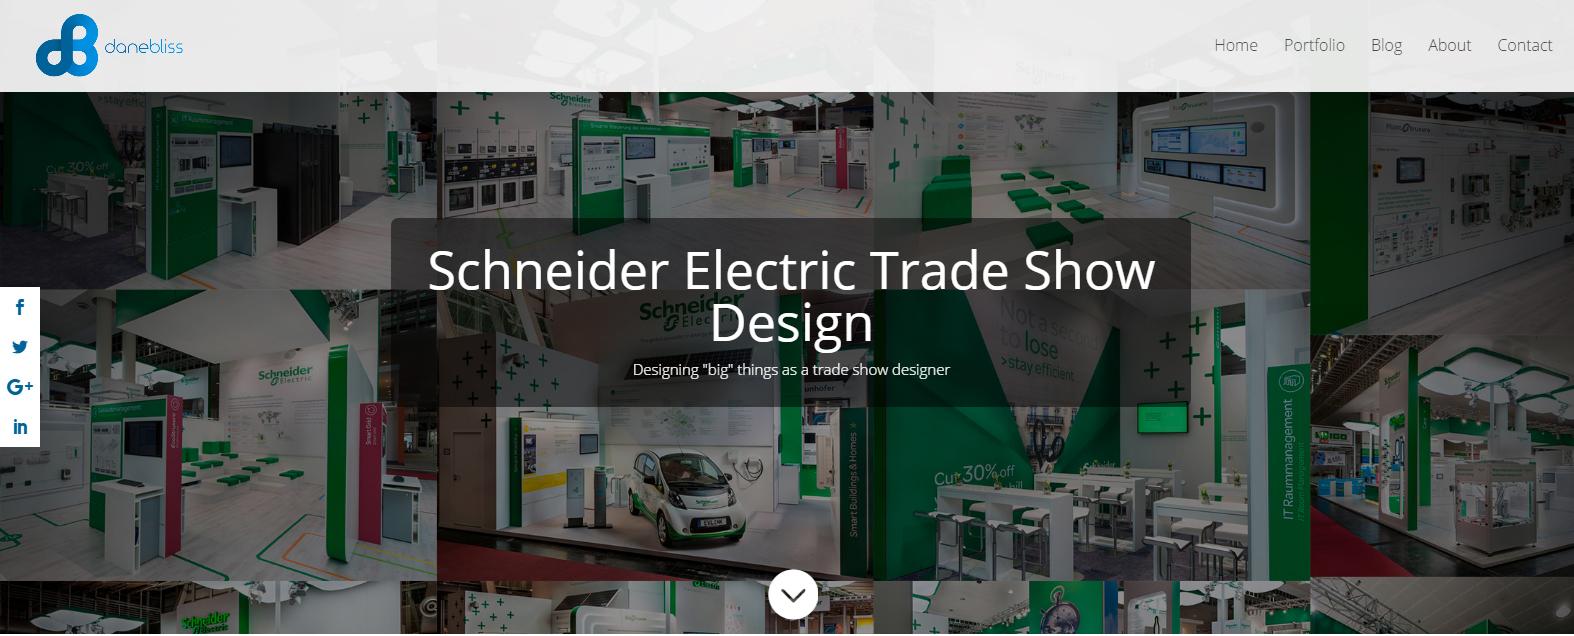 Screenshot of danbliss.com. Schneider Electric Trade Show Design.